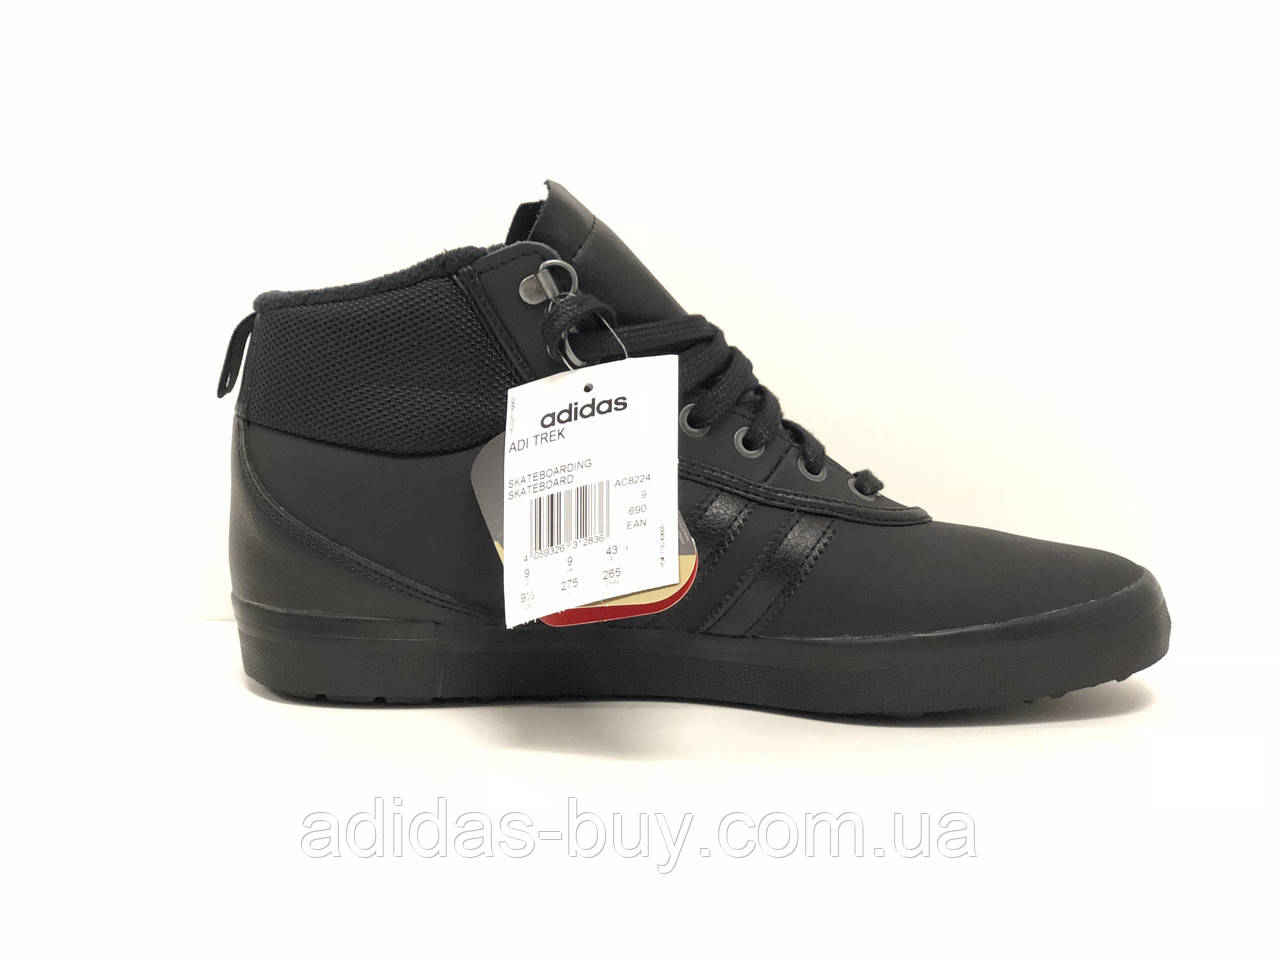 ... Ботинки мужские оригинальные adidas ADI TREK AC8224 цвет  черный 3 ... 2d3a55d808069